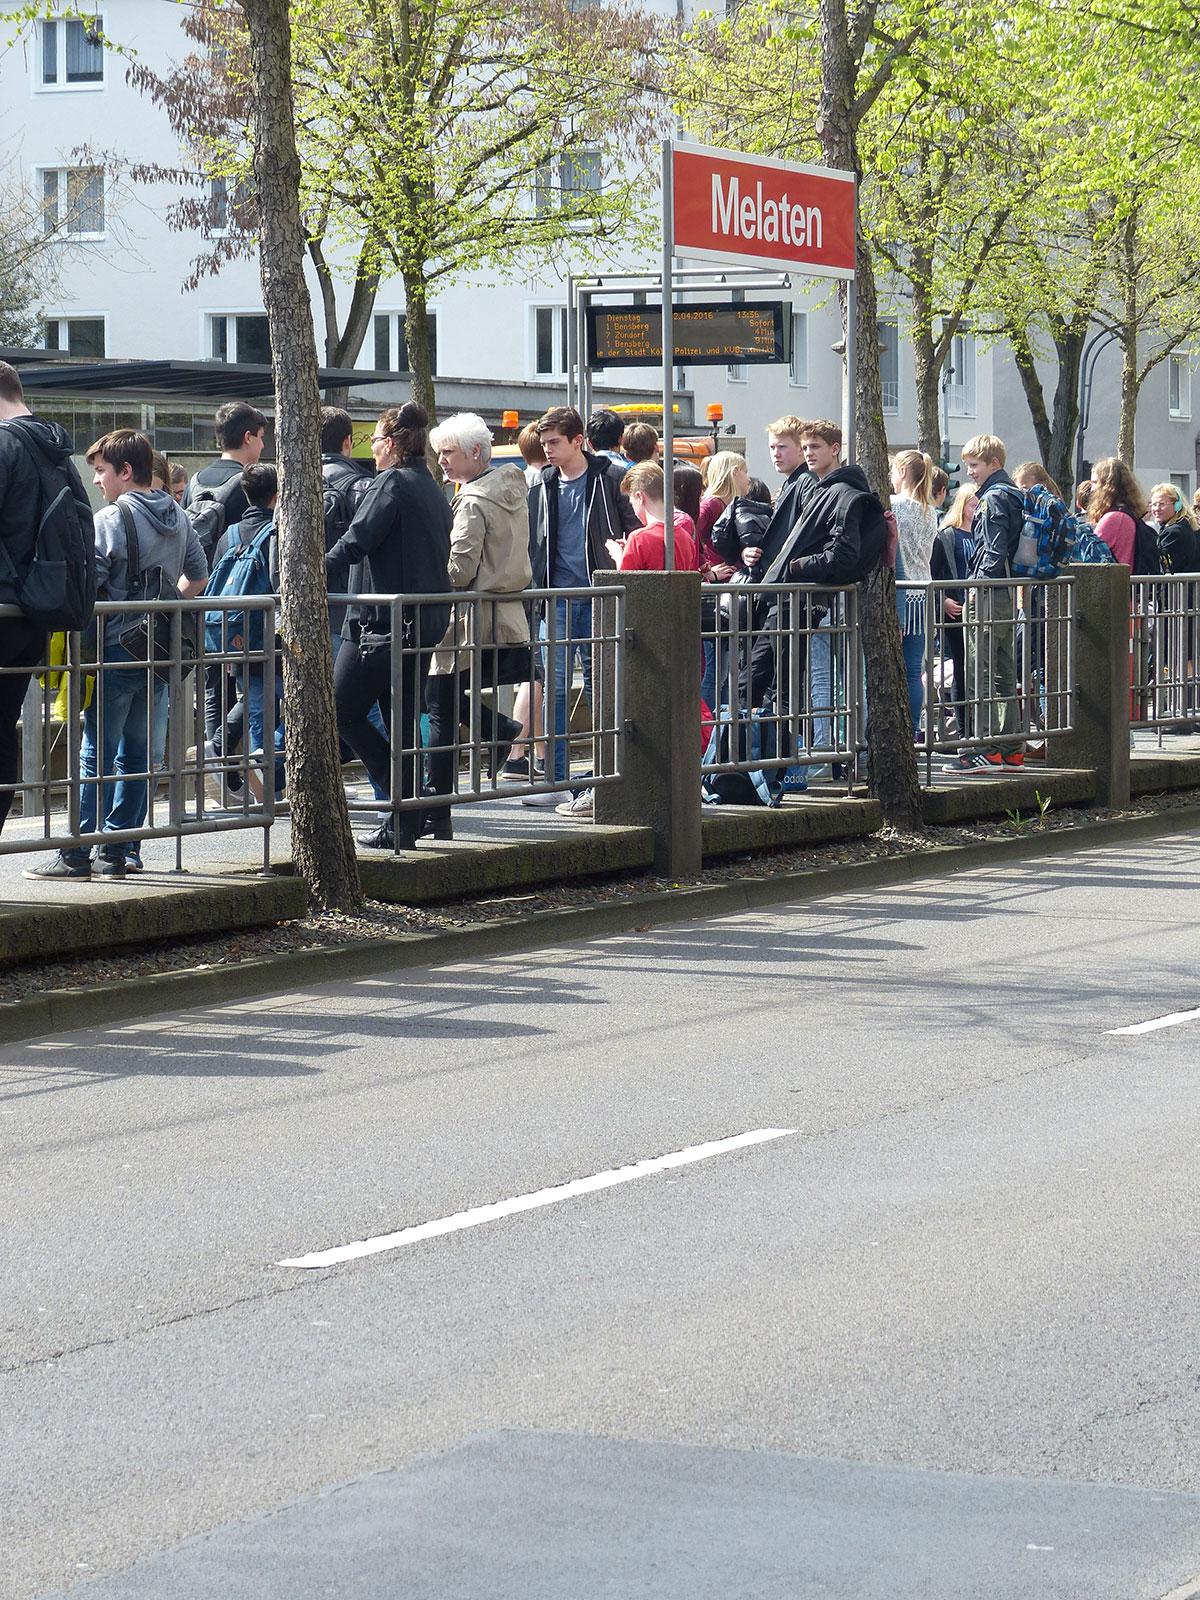 Schülerverkehr: Die Haltestelle Melaten ist rappelvoll - die Soko 1422 regelt Fahrgastwechsel und Übergang.